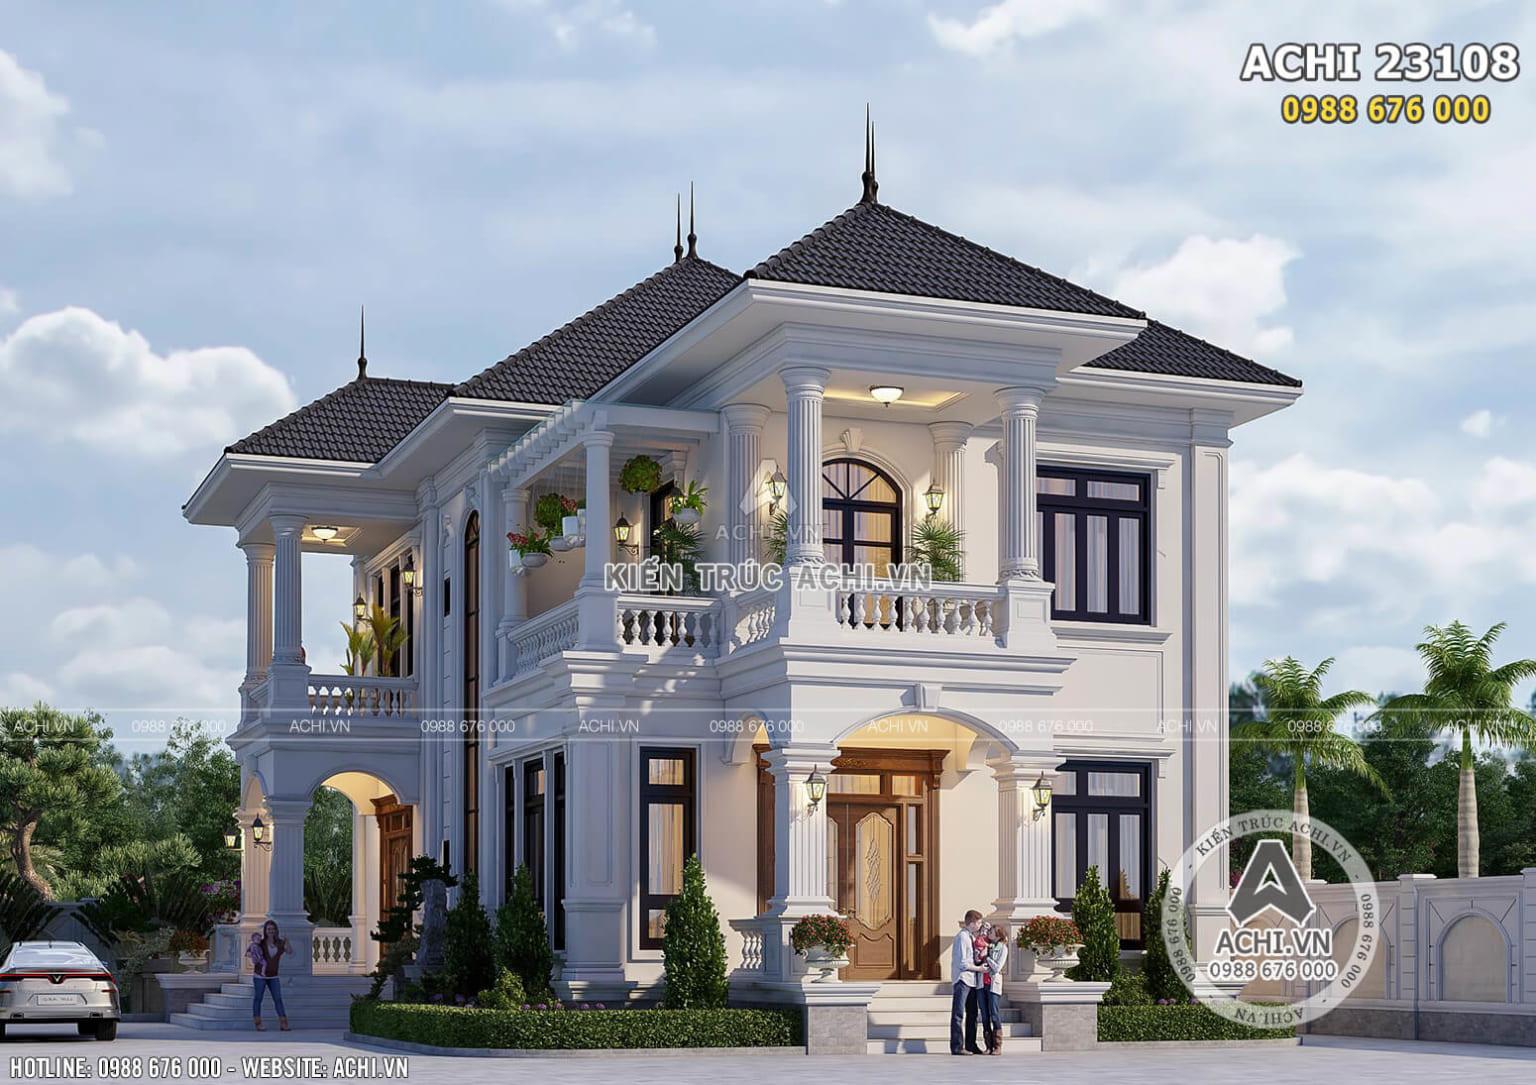 Hình ảnh: Không gian mặt bên của Thiết kế biệt thự 2 tầng phong cách tân cổ điển – ACHI 23108